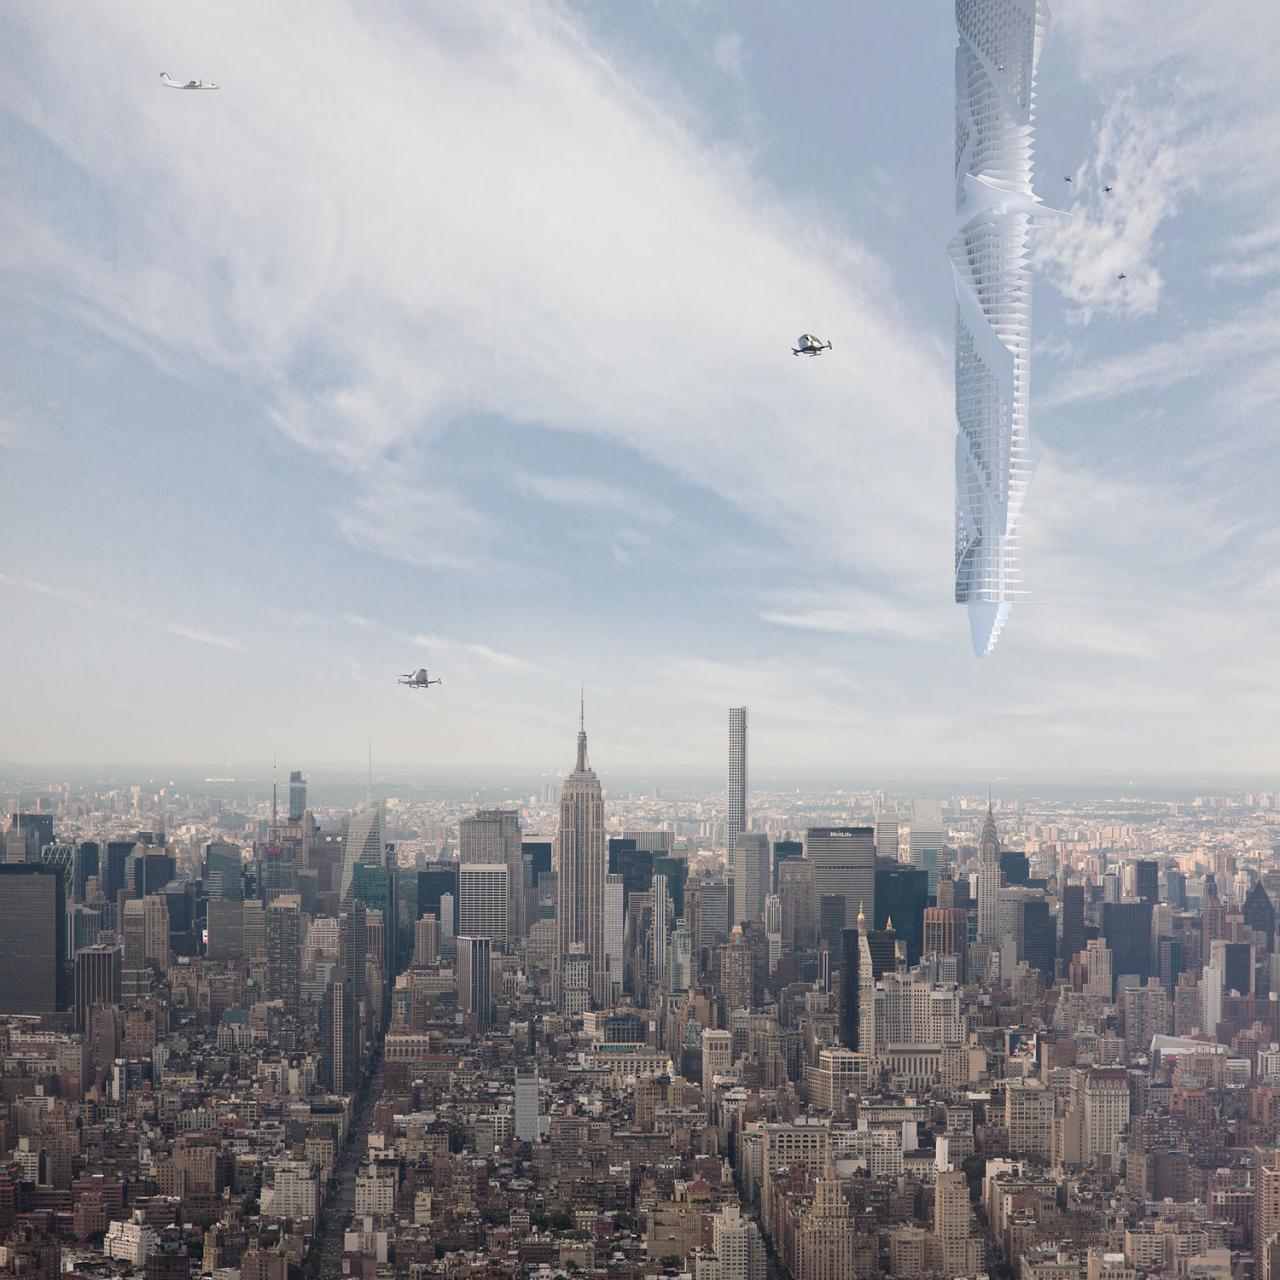 Dubai Bakal Bina Menara Tergantung Di Langit? Kaedah Nak Jadikan Kenyataan Seakan Tak Logik